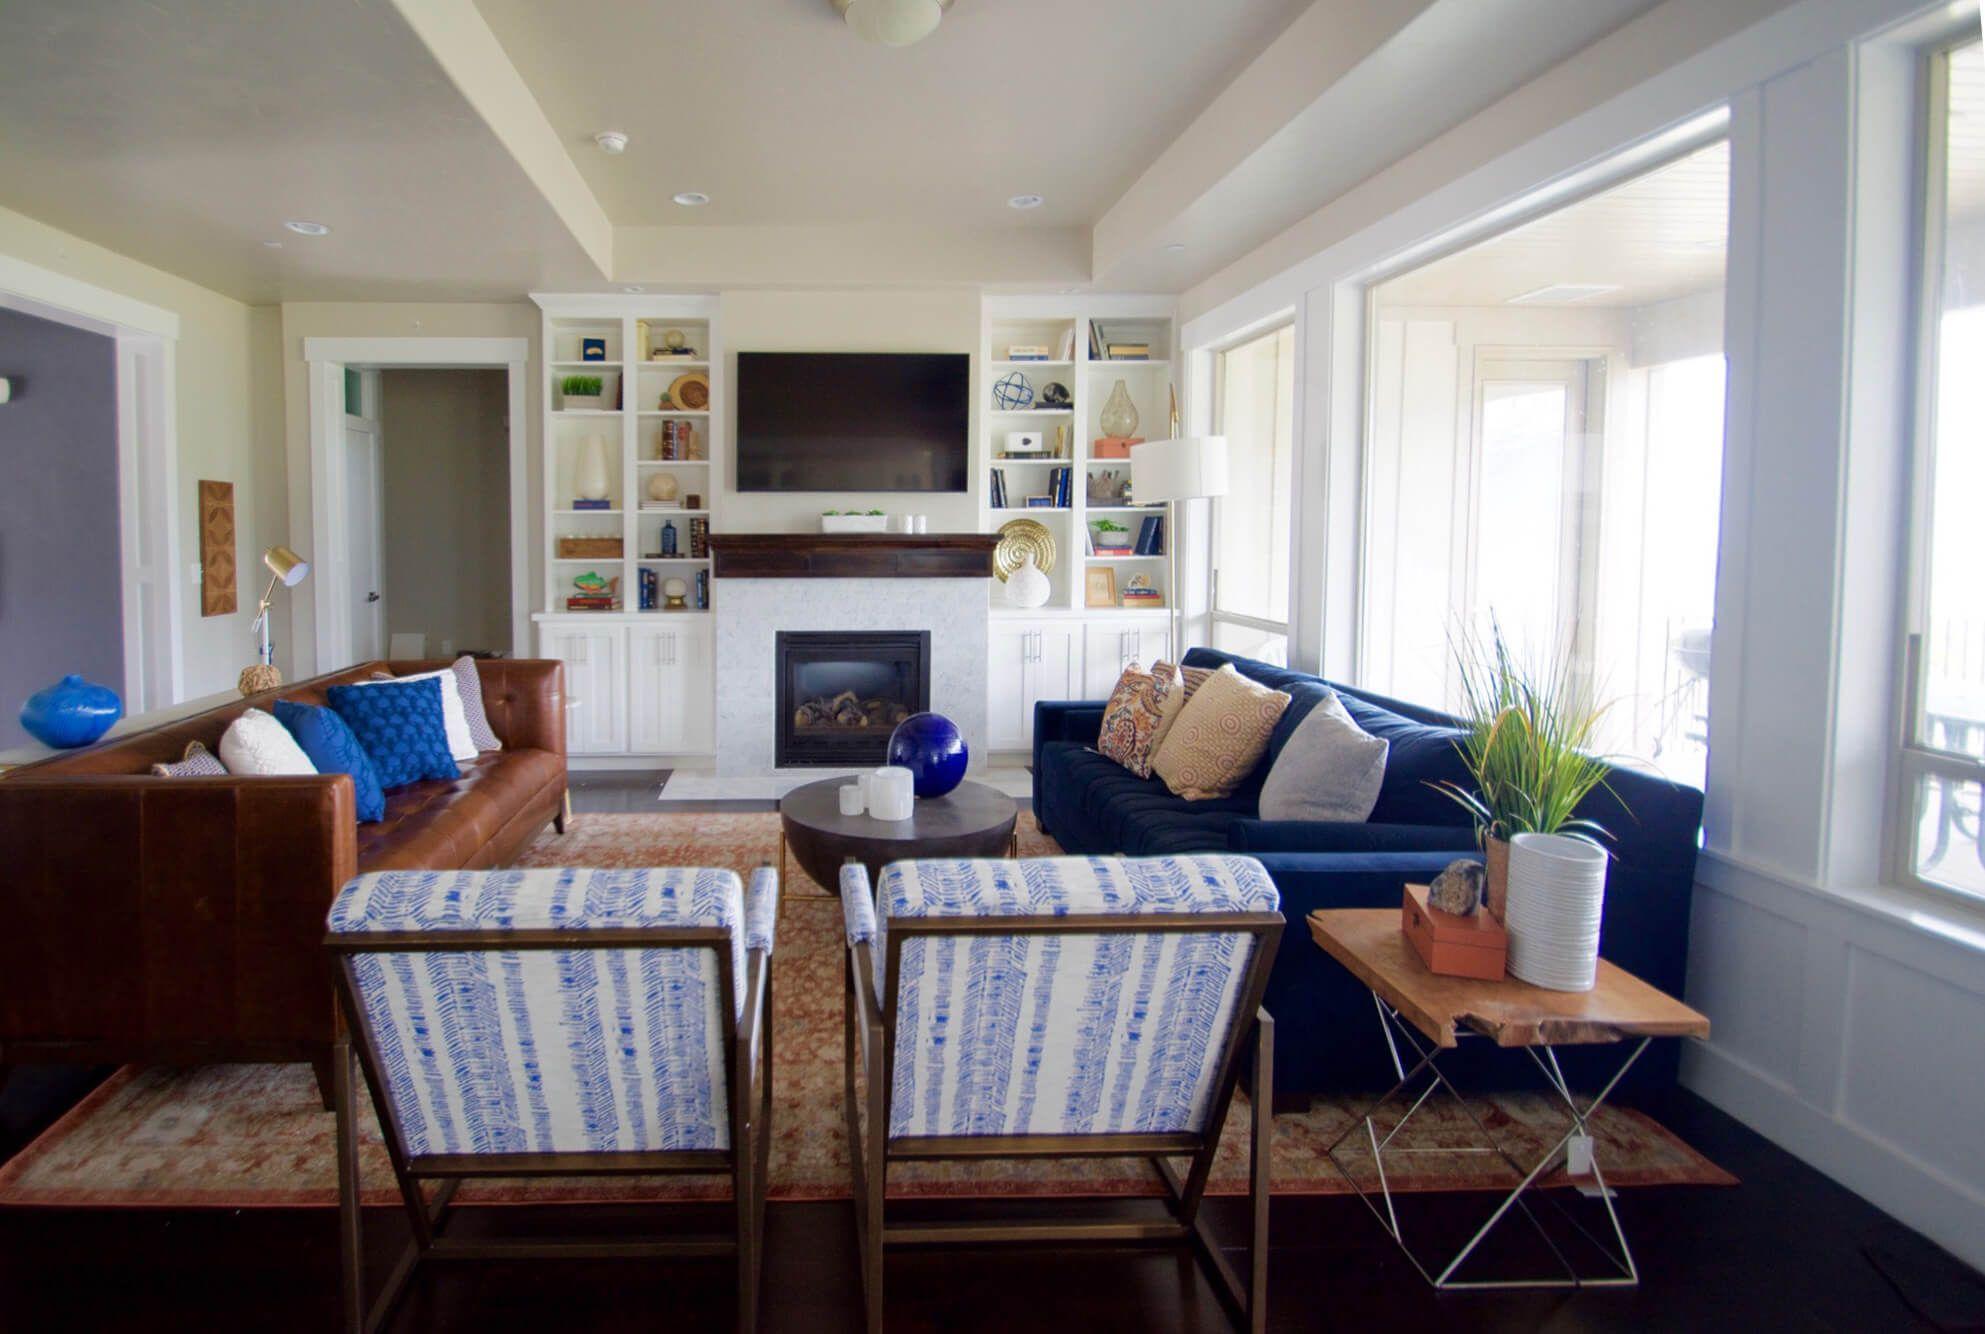 Interior Design Https Www Stackedstonetile Com Residential